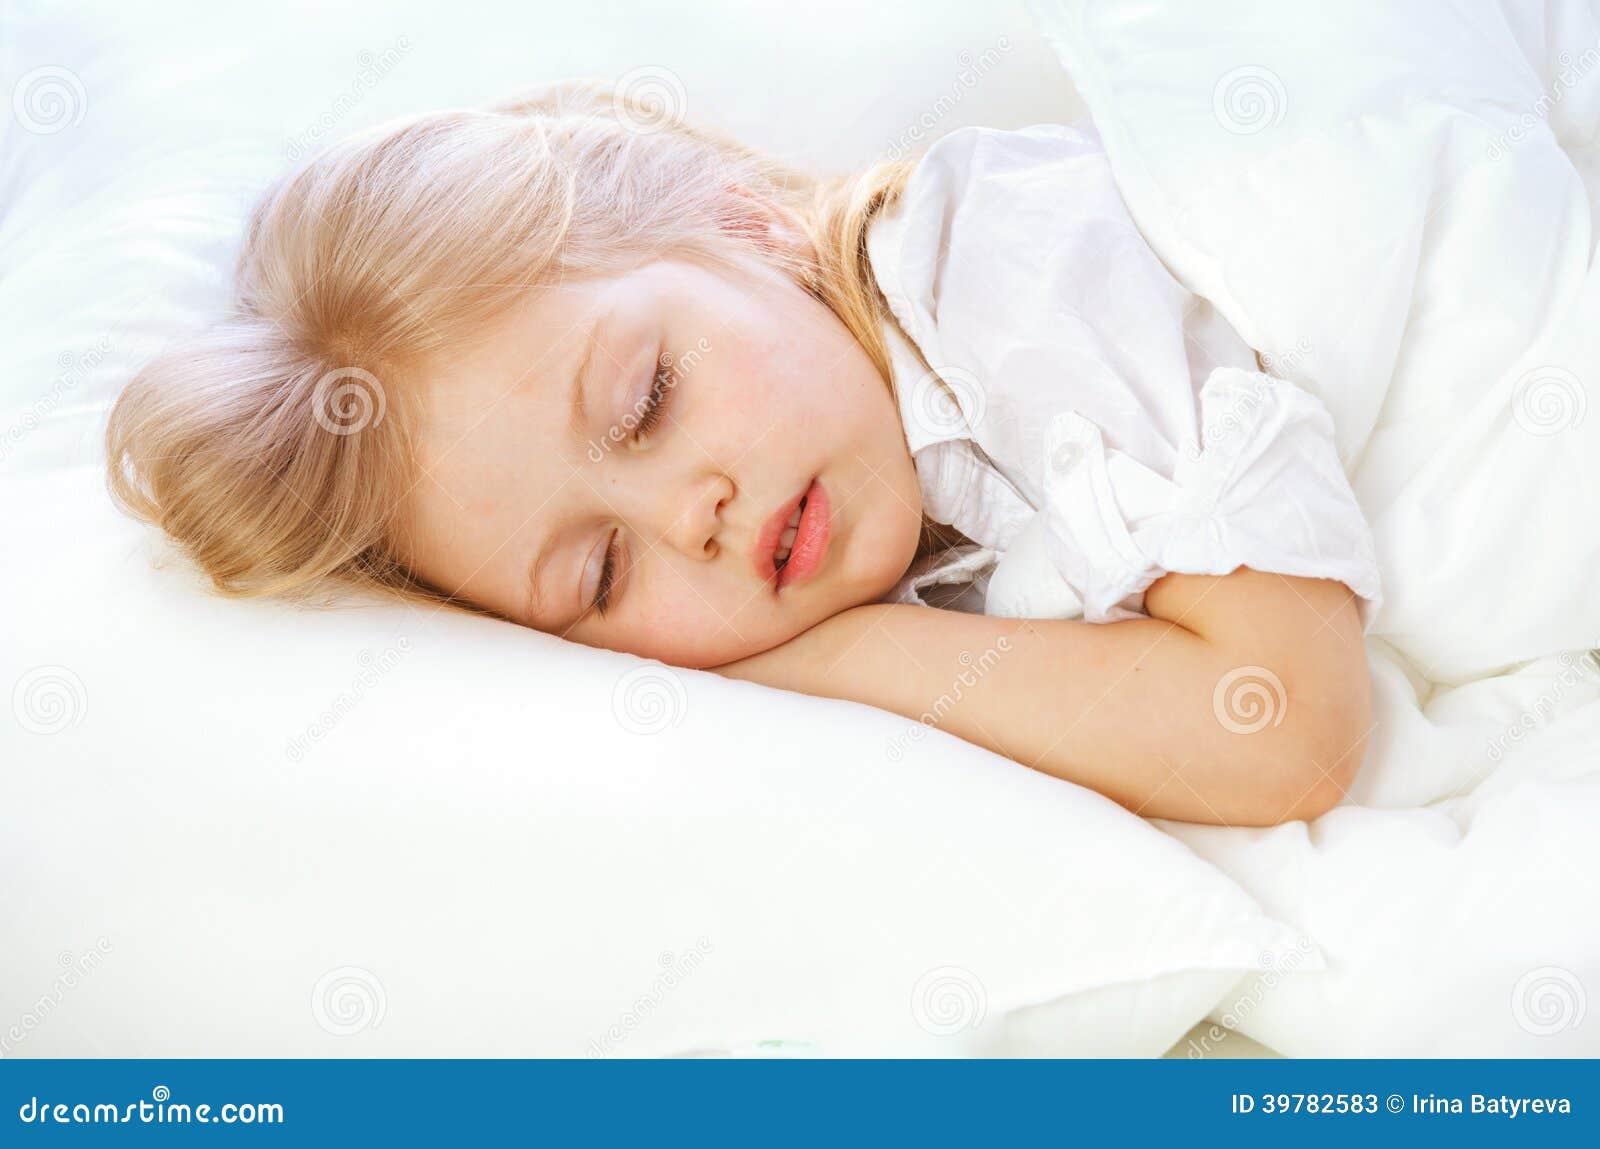 Le portrait d 39 une petite fille va au lit enfonce dort se repose photo stock image 39782583 - Repose livre pour lire au lit ...